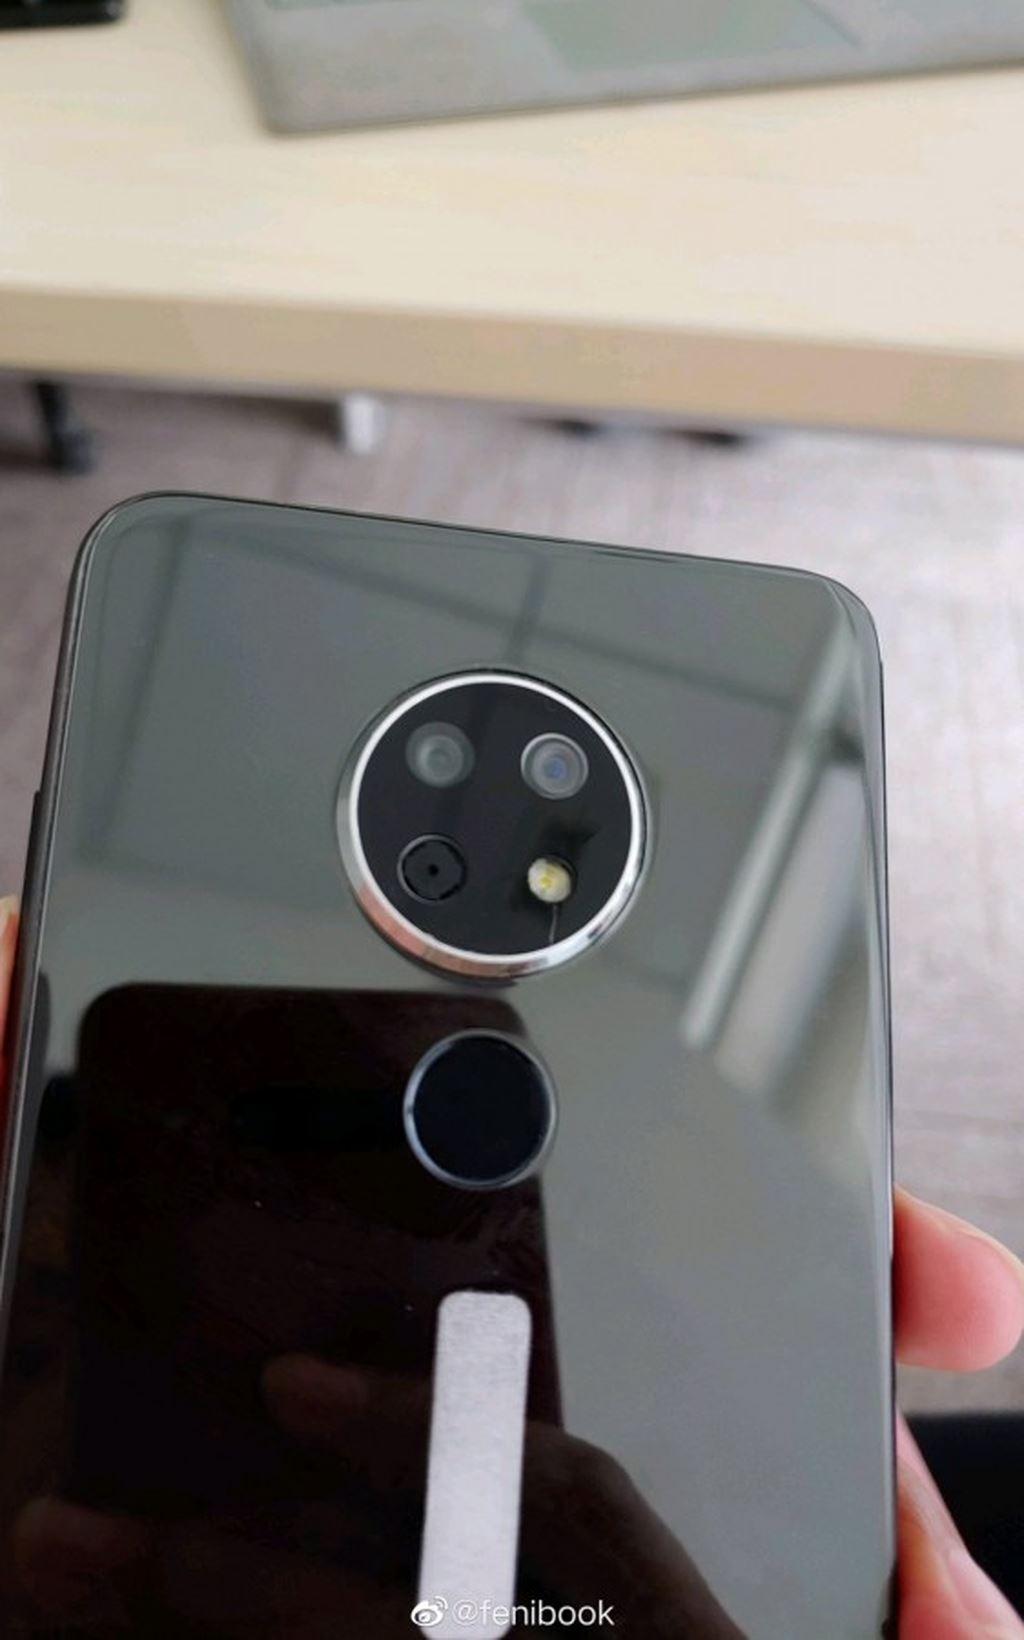 Tin tức công nghệ mới nóng nhất hôm nay (11/8): Samsung đang phát triển smartphone dung lượng pin 6.000mAh - Ảnh 2